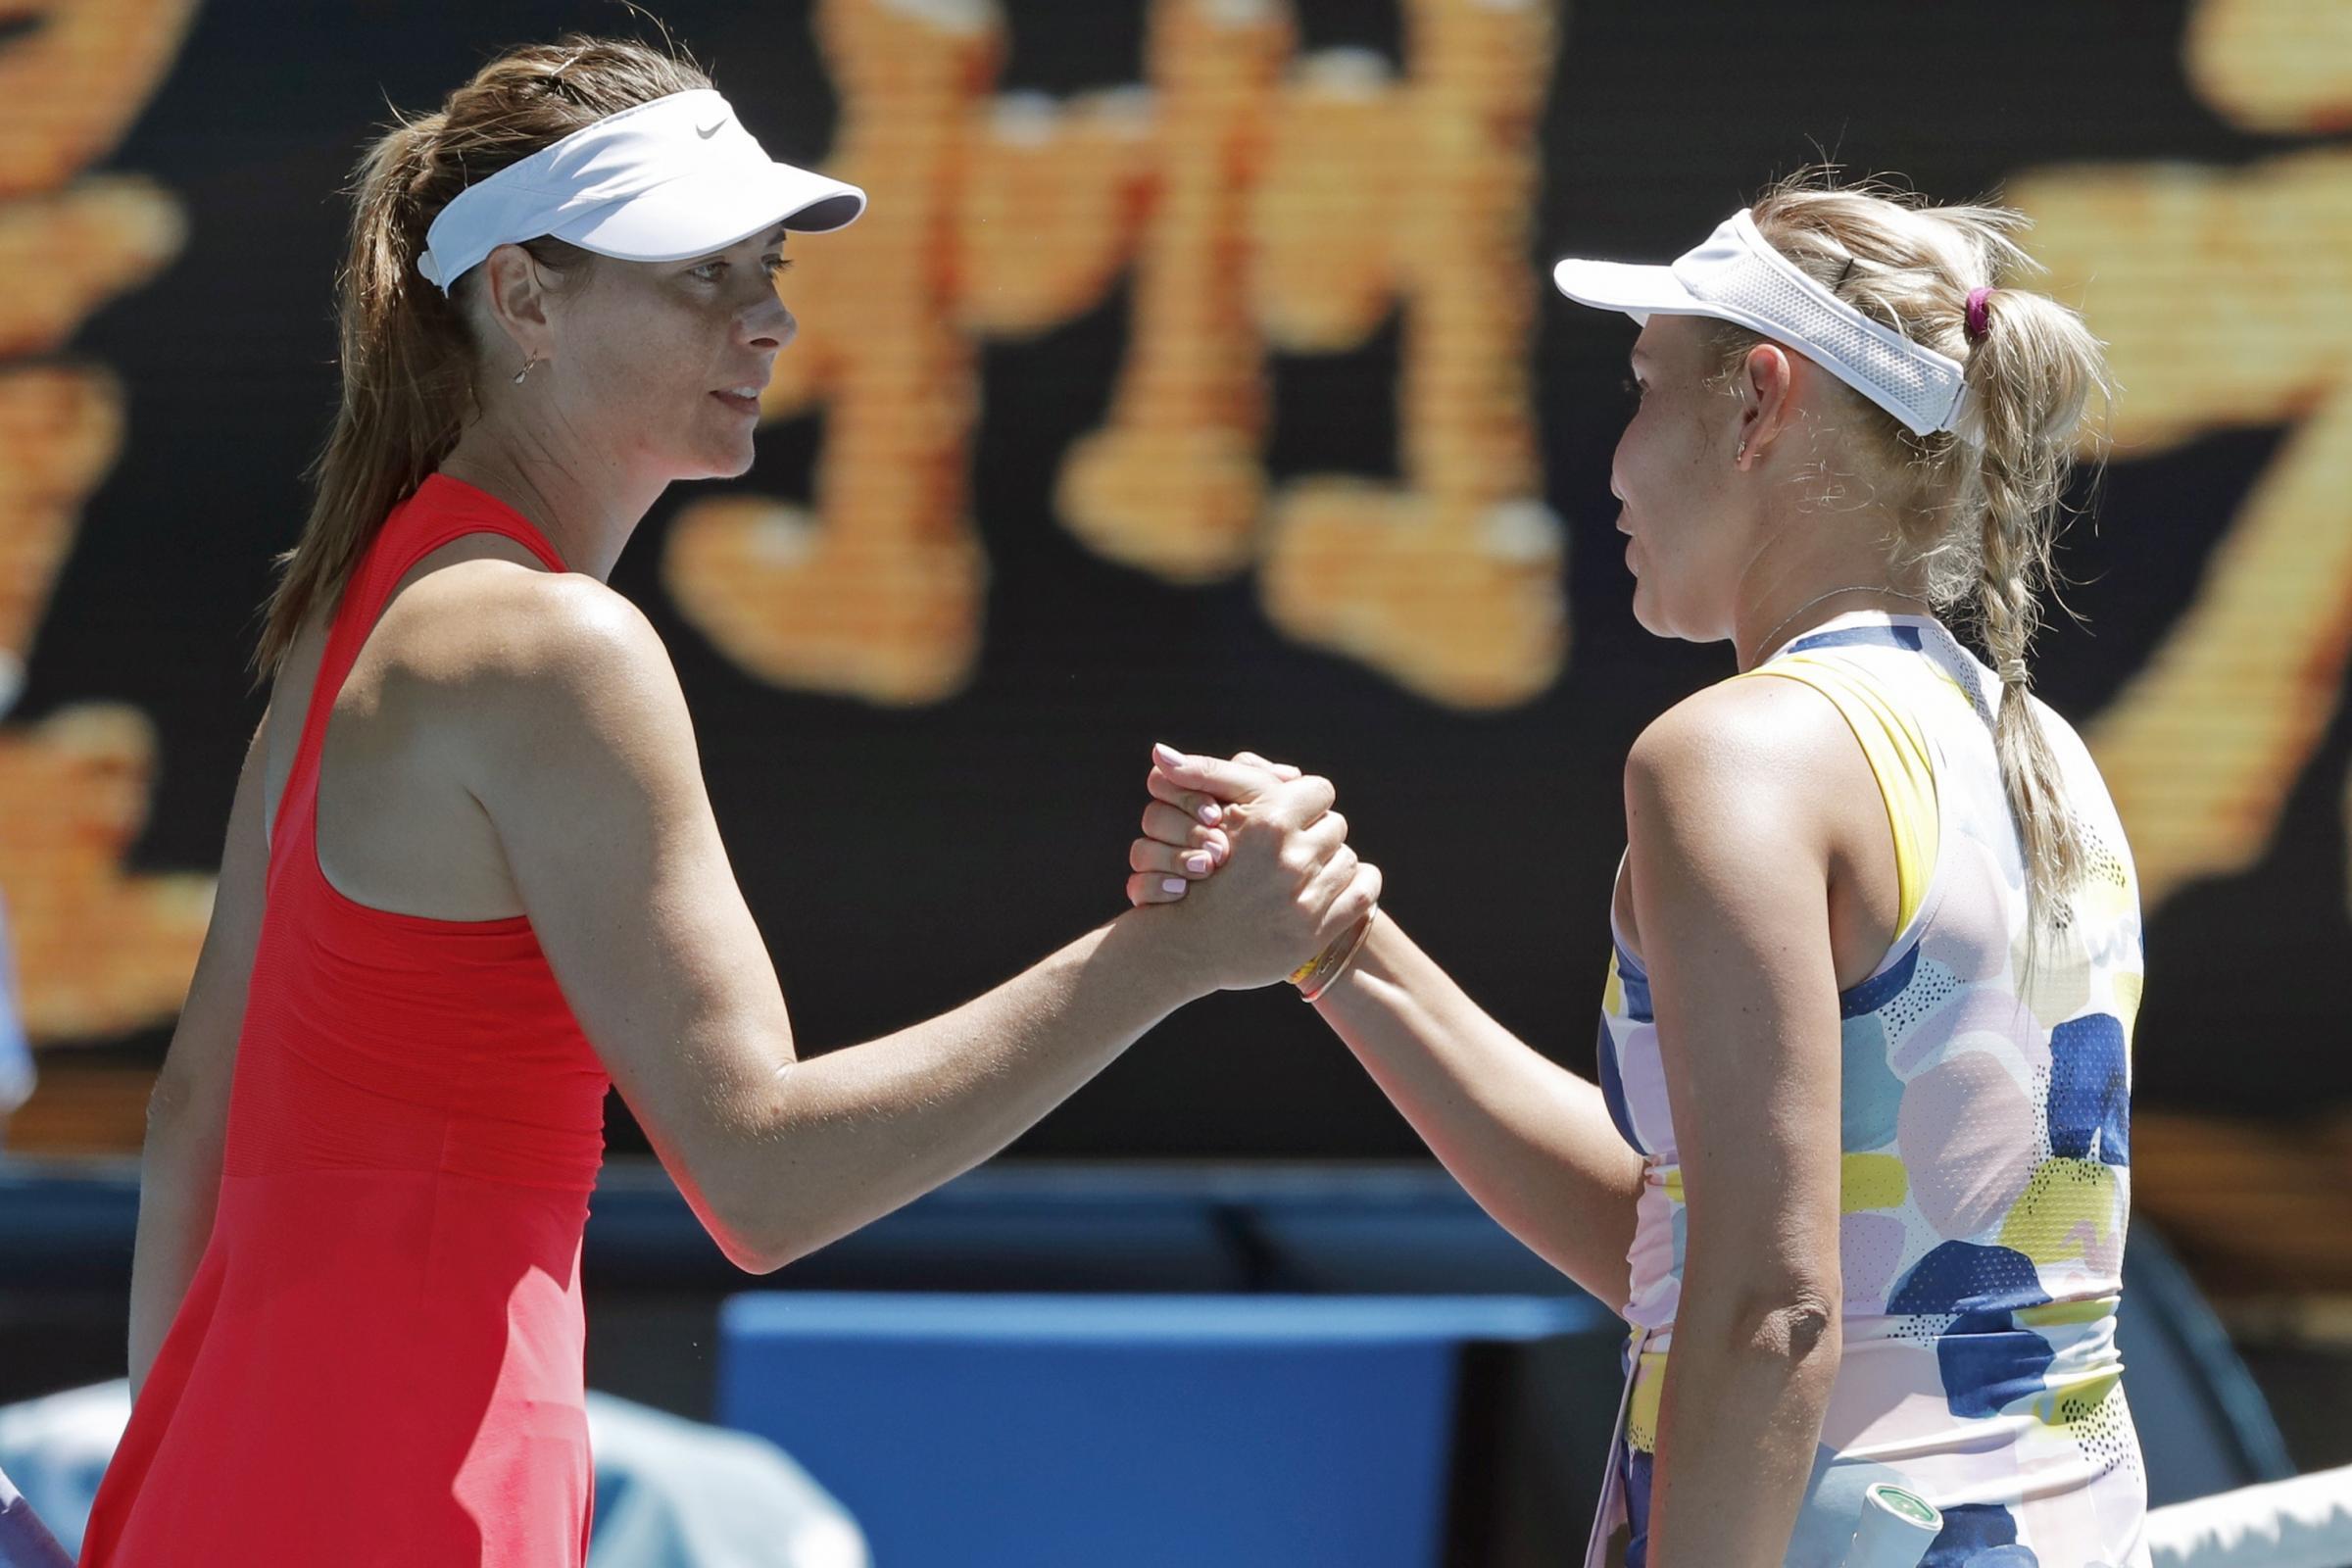 Eliminação precoce no Australian Open impõe incertezas sobre o futuro de Maria Sharapova